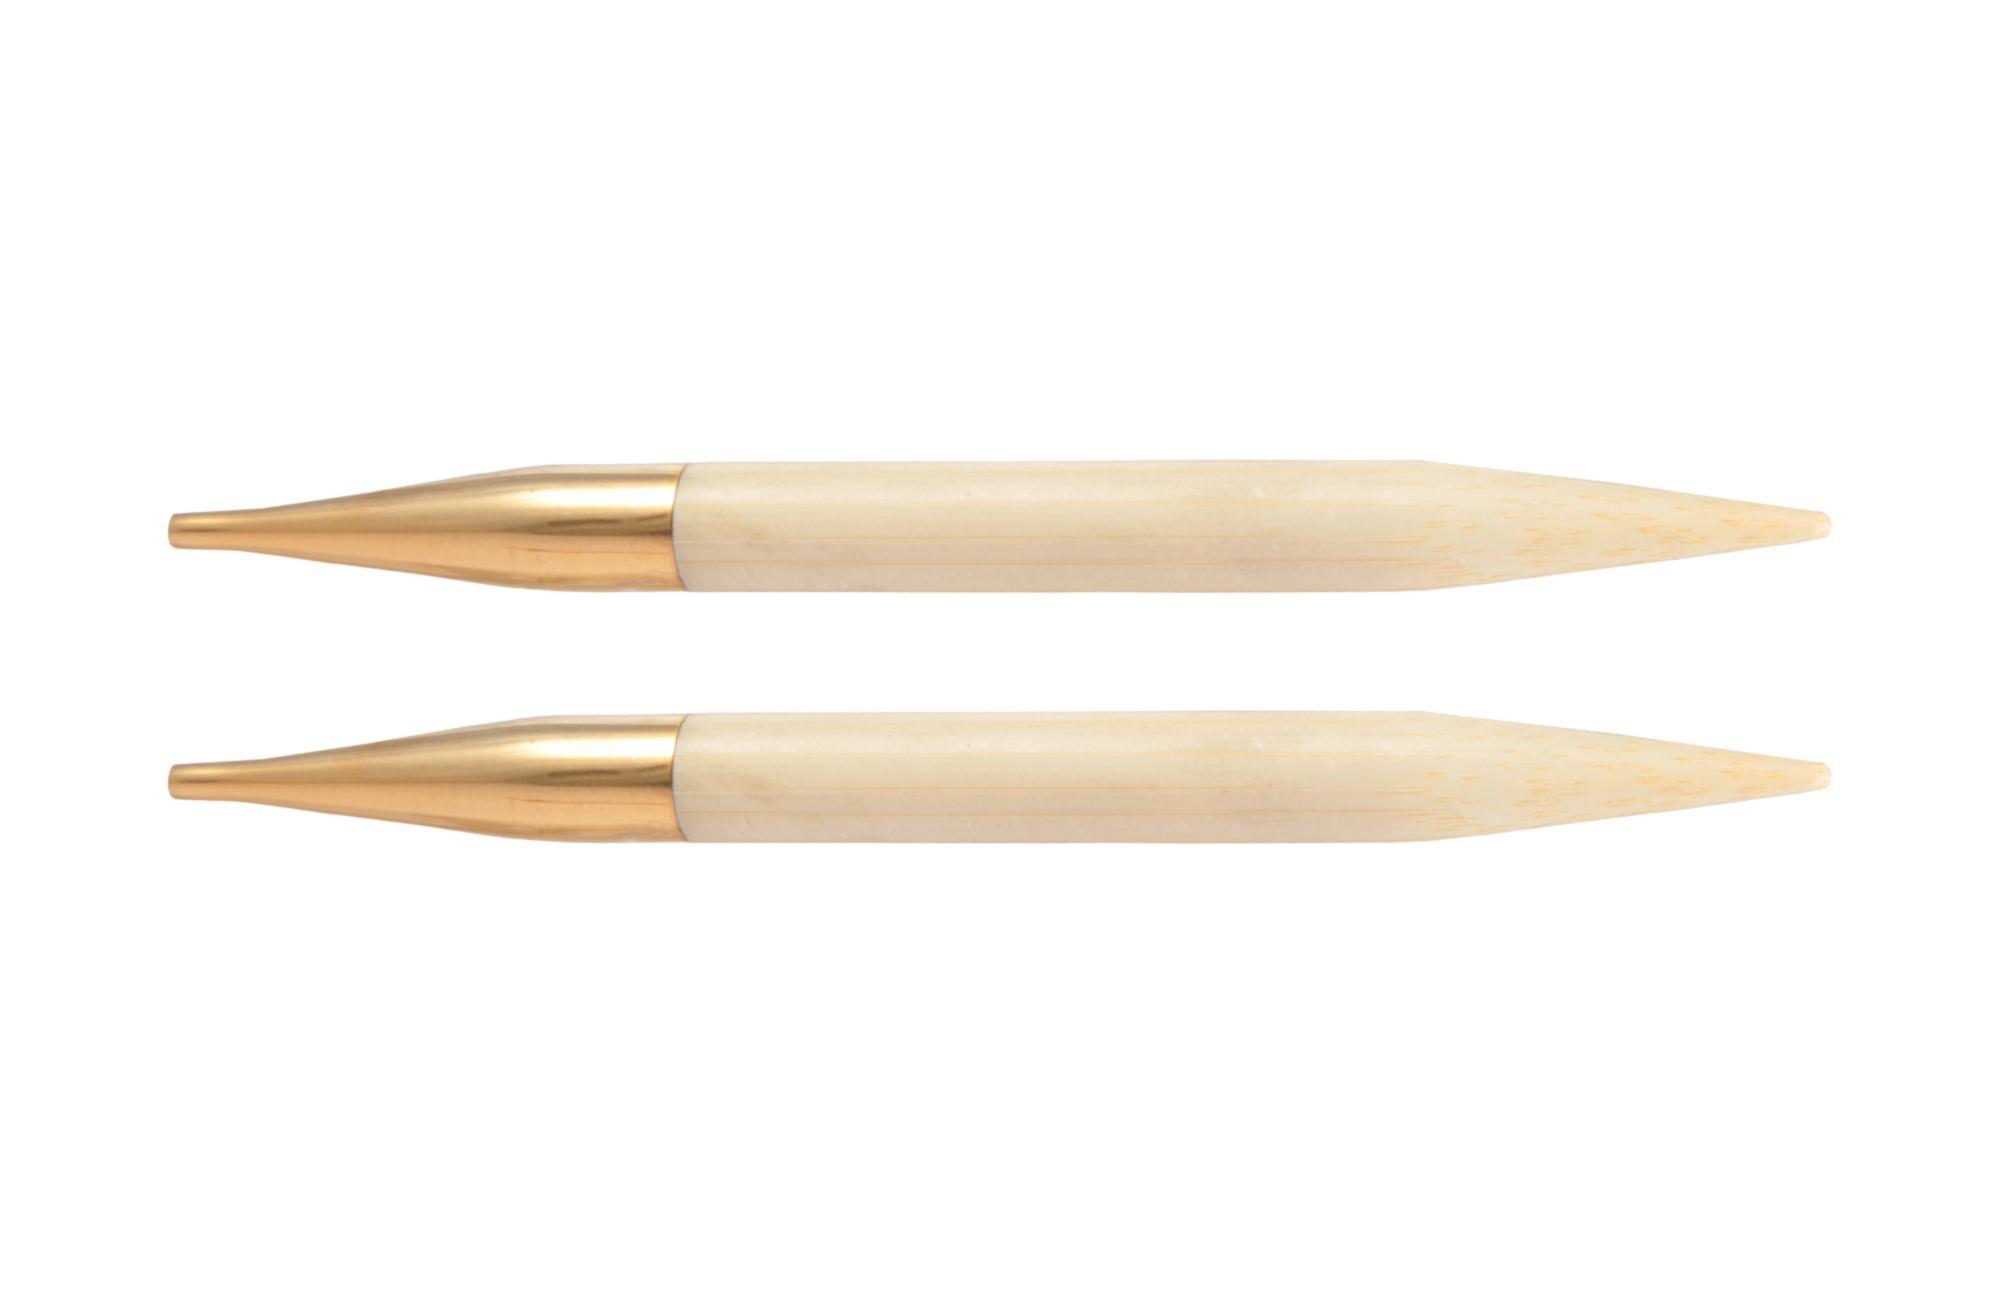 Спицы съёмные Bamboo KnitPro, 22403, 4.00 мм